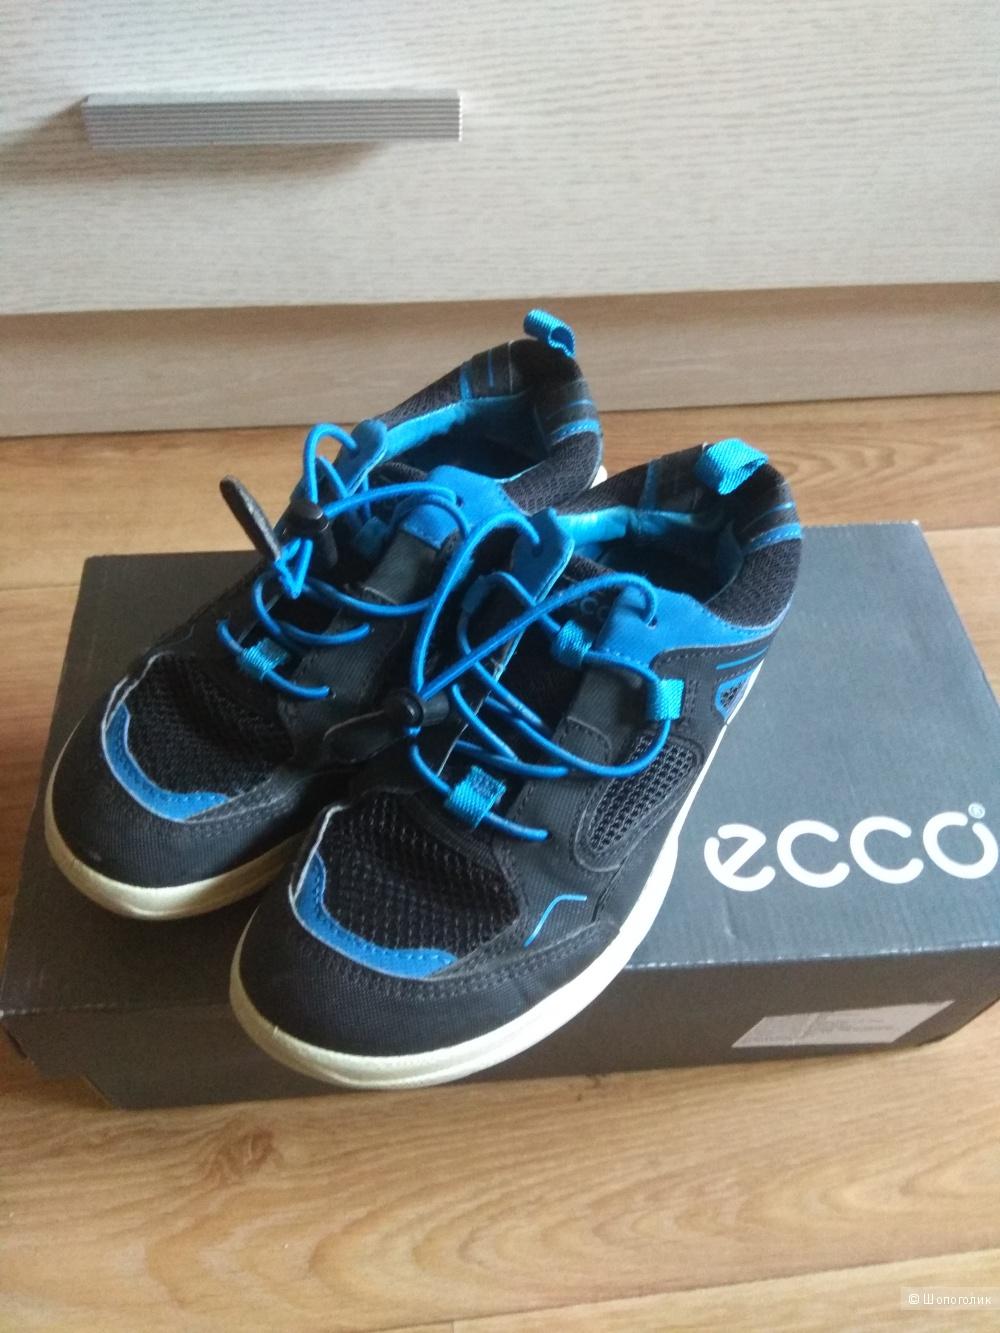 Кроссовки Экко Ecco biom 33 размер